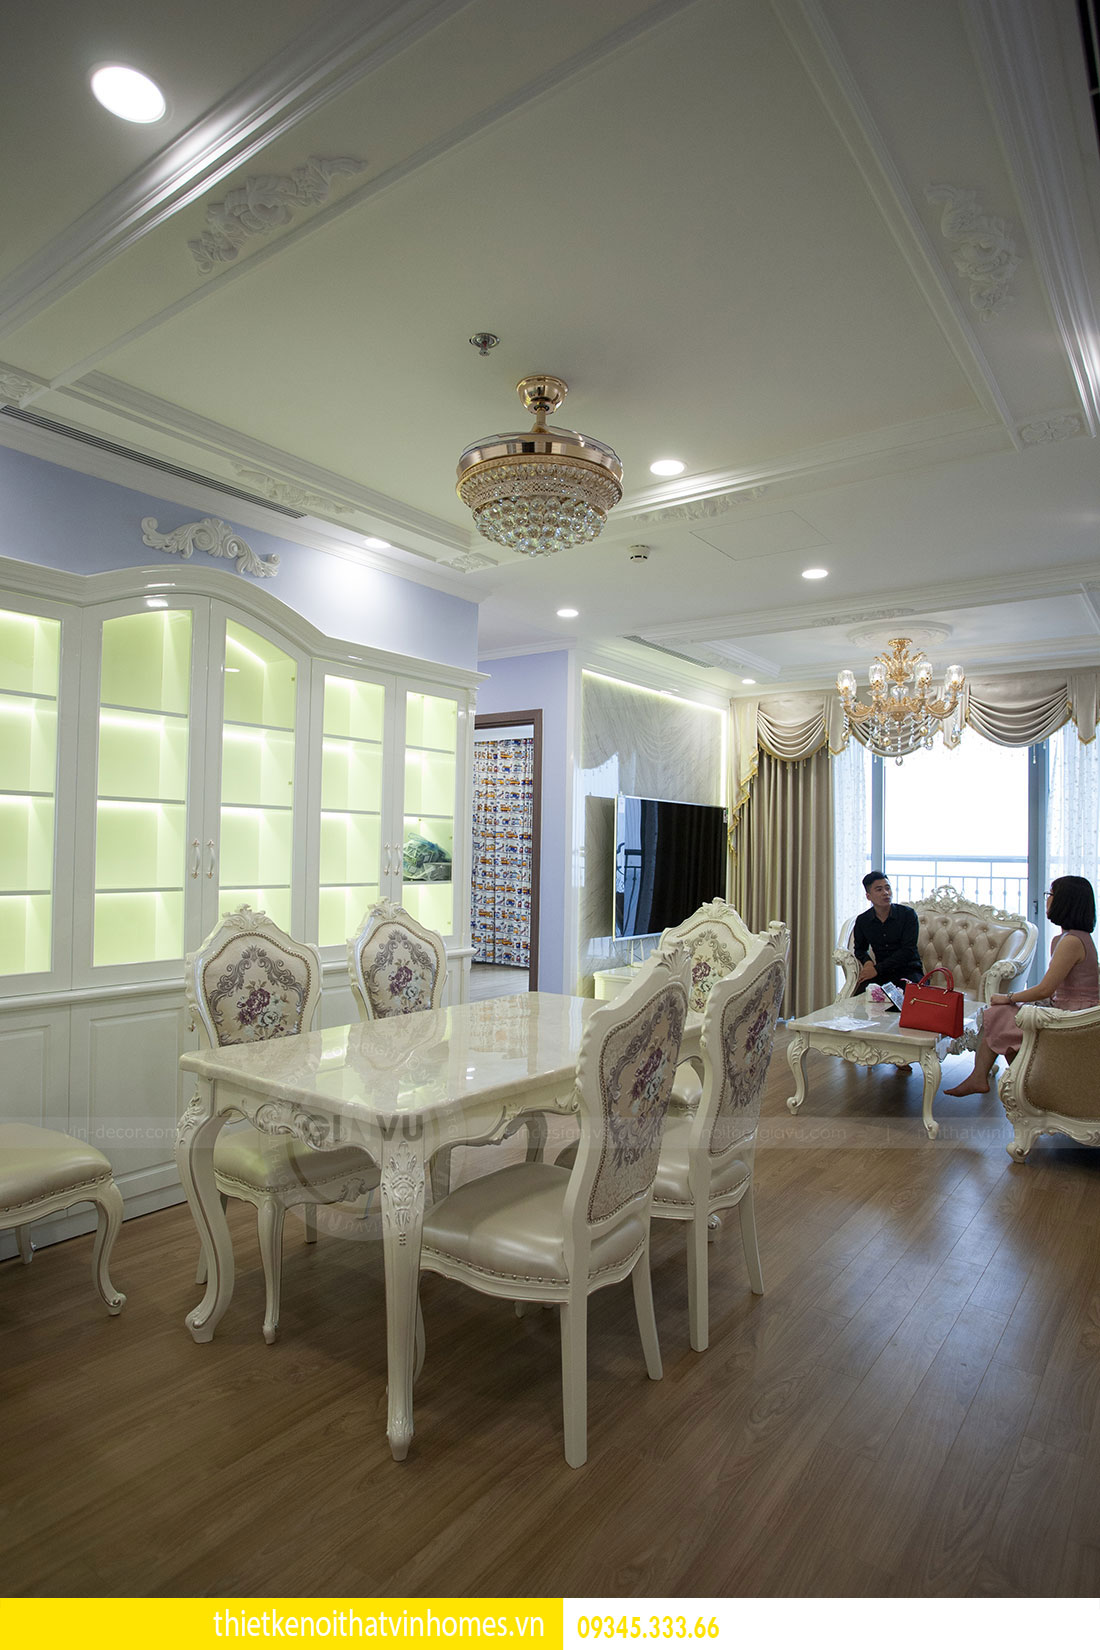 Thi công nội thất chung cư DCapitale theo phong cách tân cổ điển 7